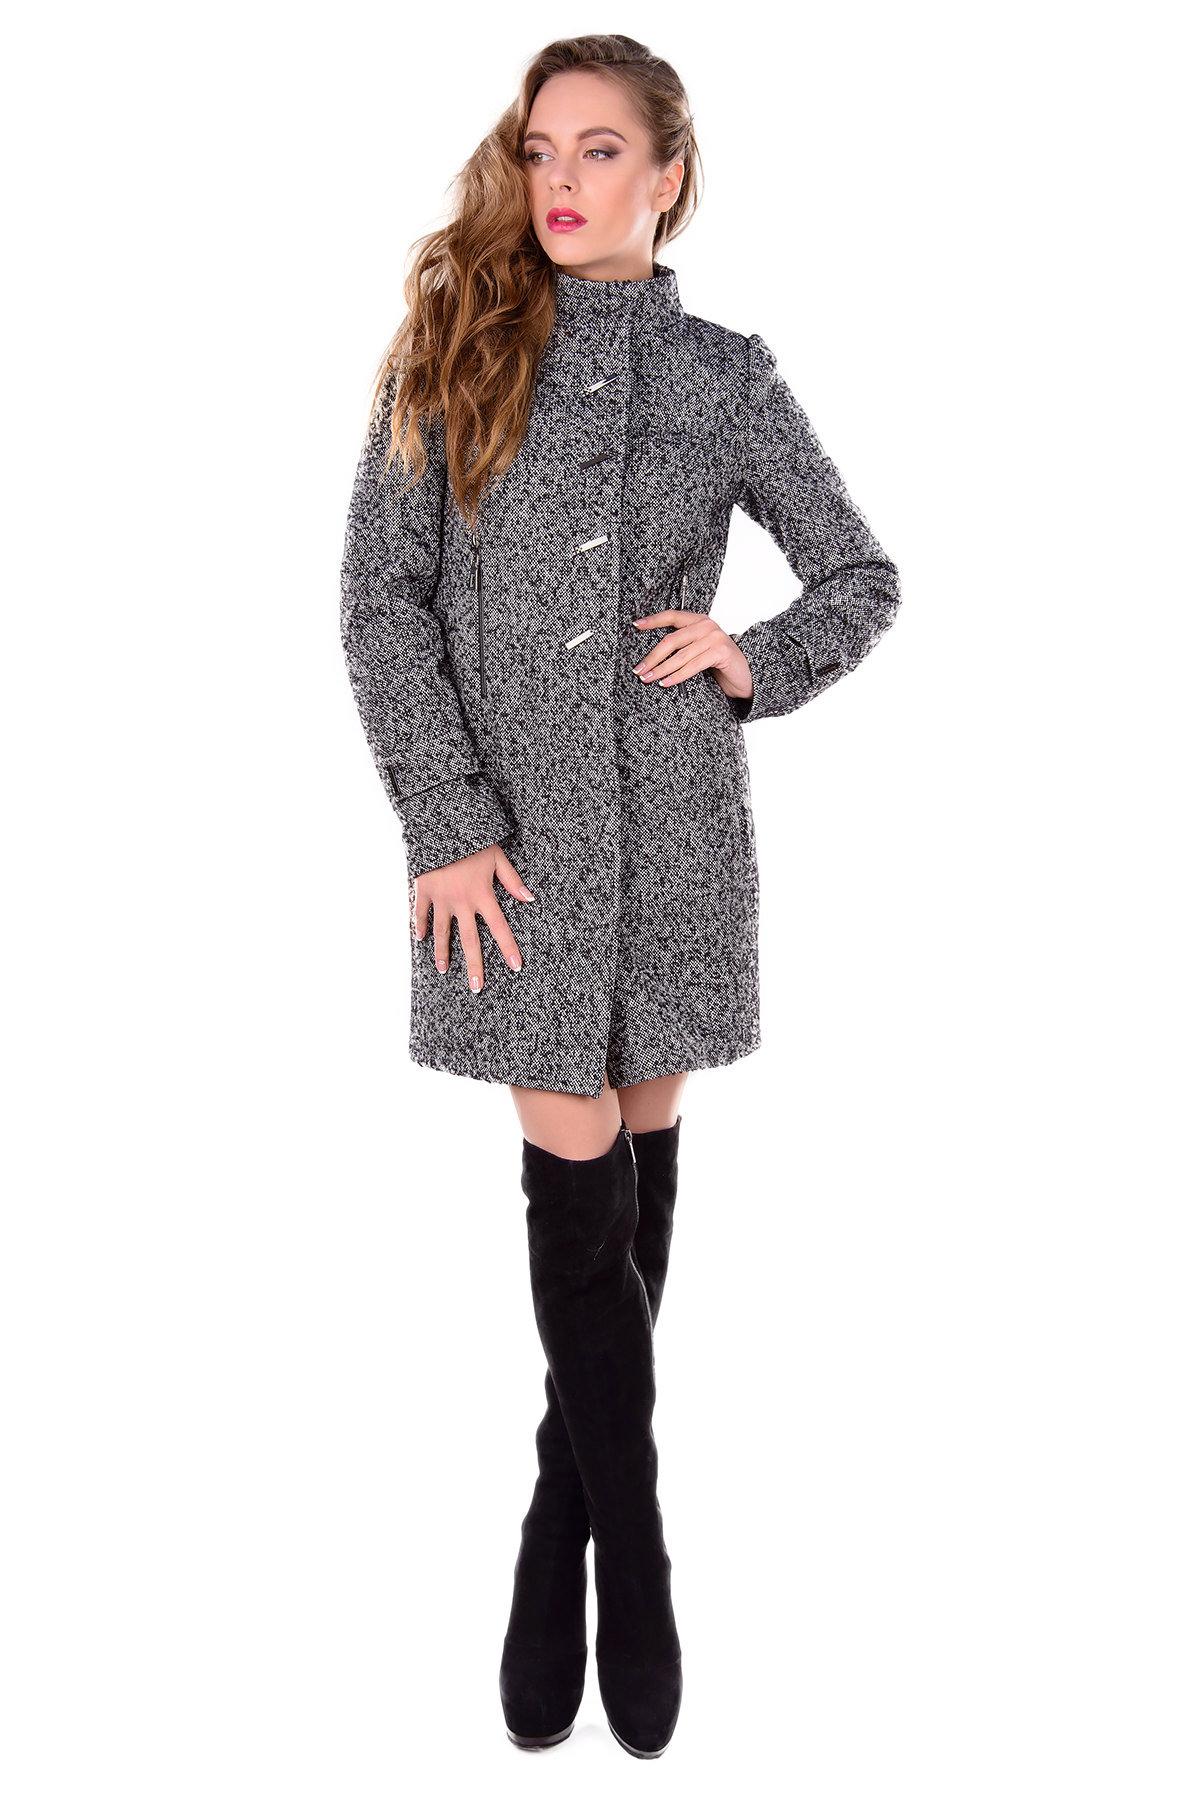 Стильные женские костюмы 2015 доставка